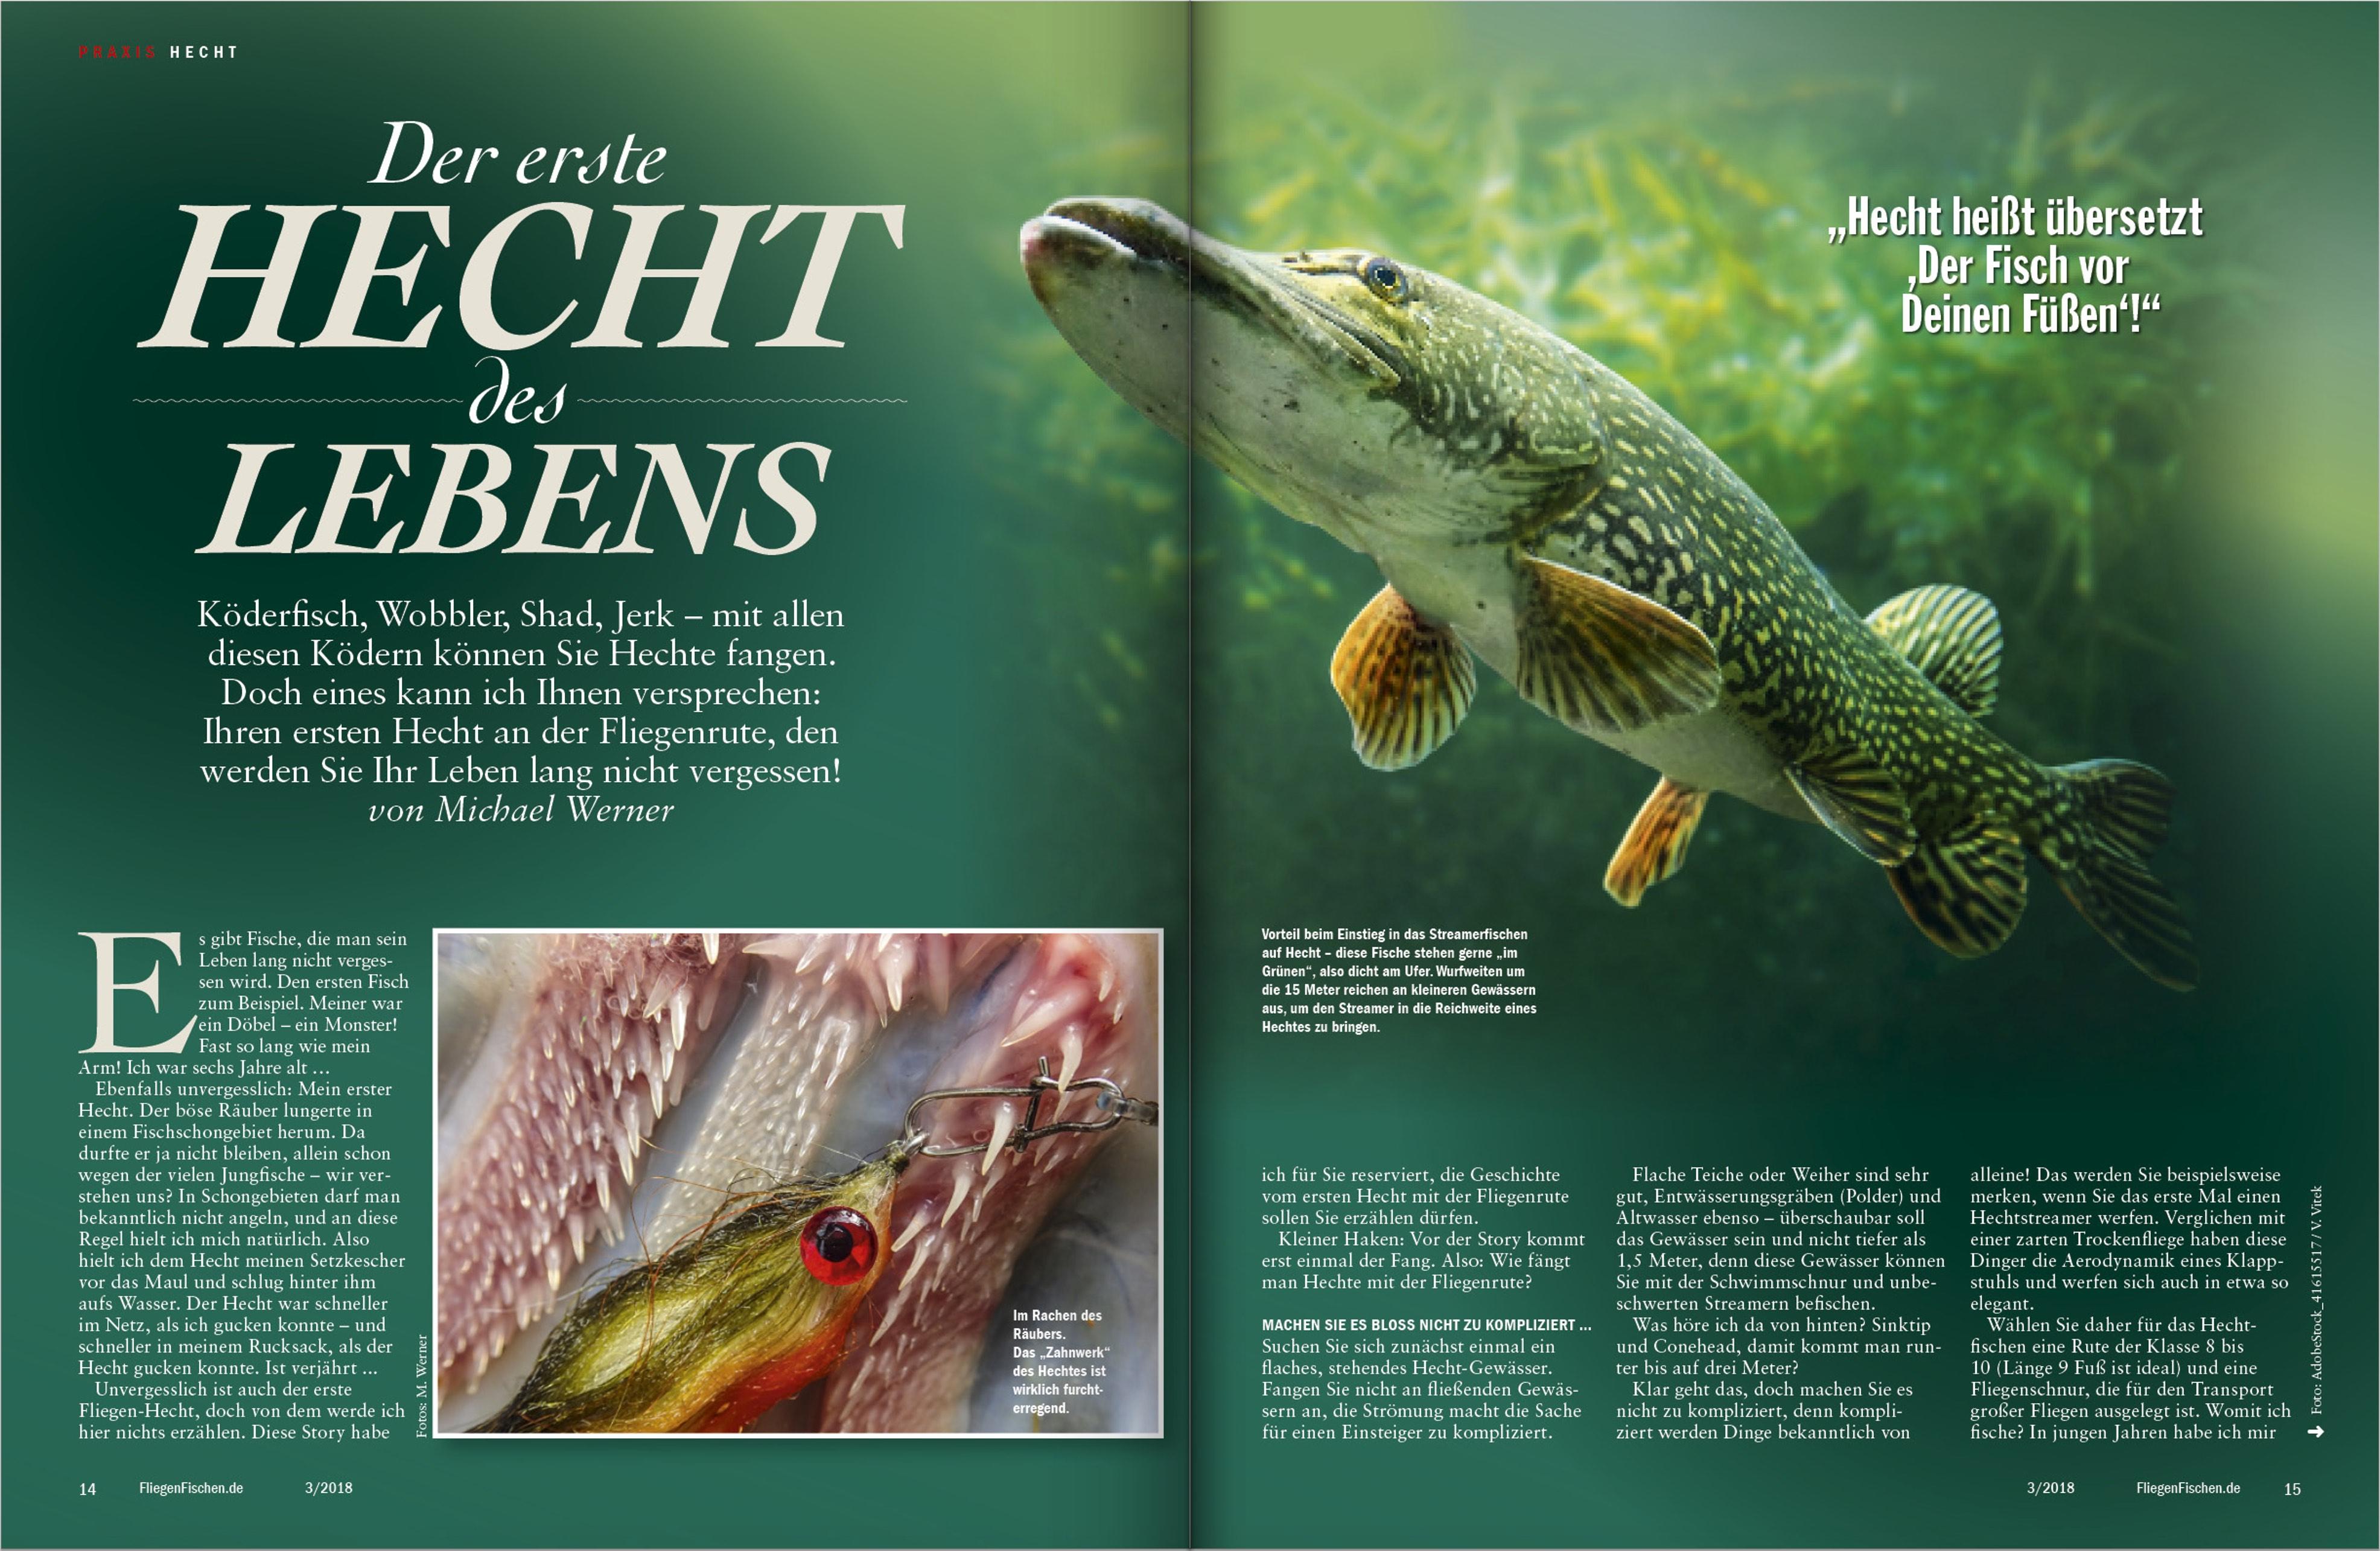 """Mehr zum Thema """"Fliegenfischen auf Hecht"""" lesen Sie in FliegenFischen, Ausgabe 3-2018. Insgesamt 22 Seiten mit Tipps, Tricks und Revieren finden Sie in dieser Ausgabe!"""